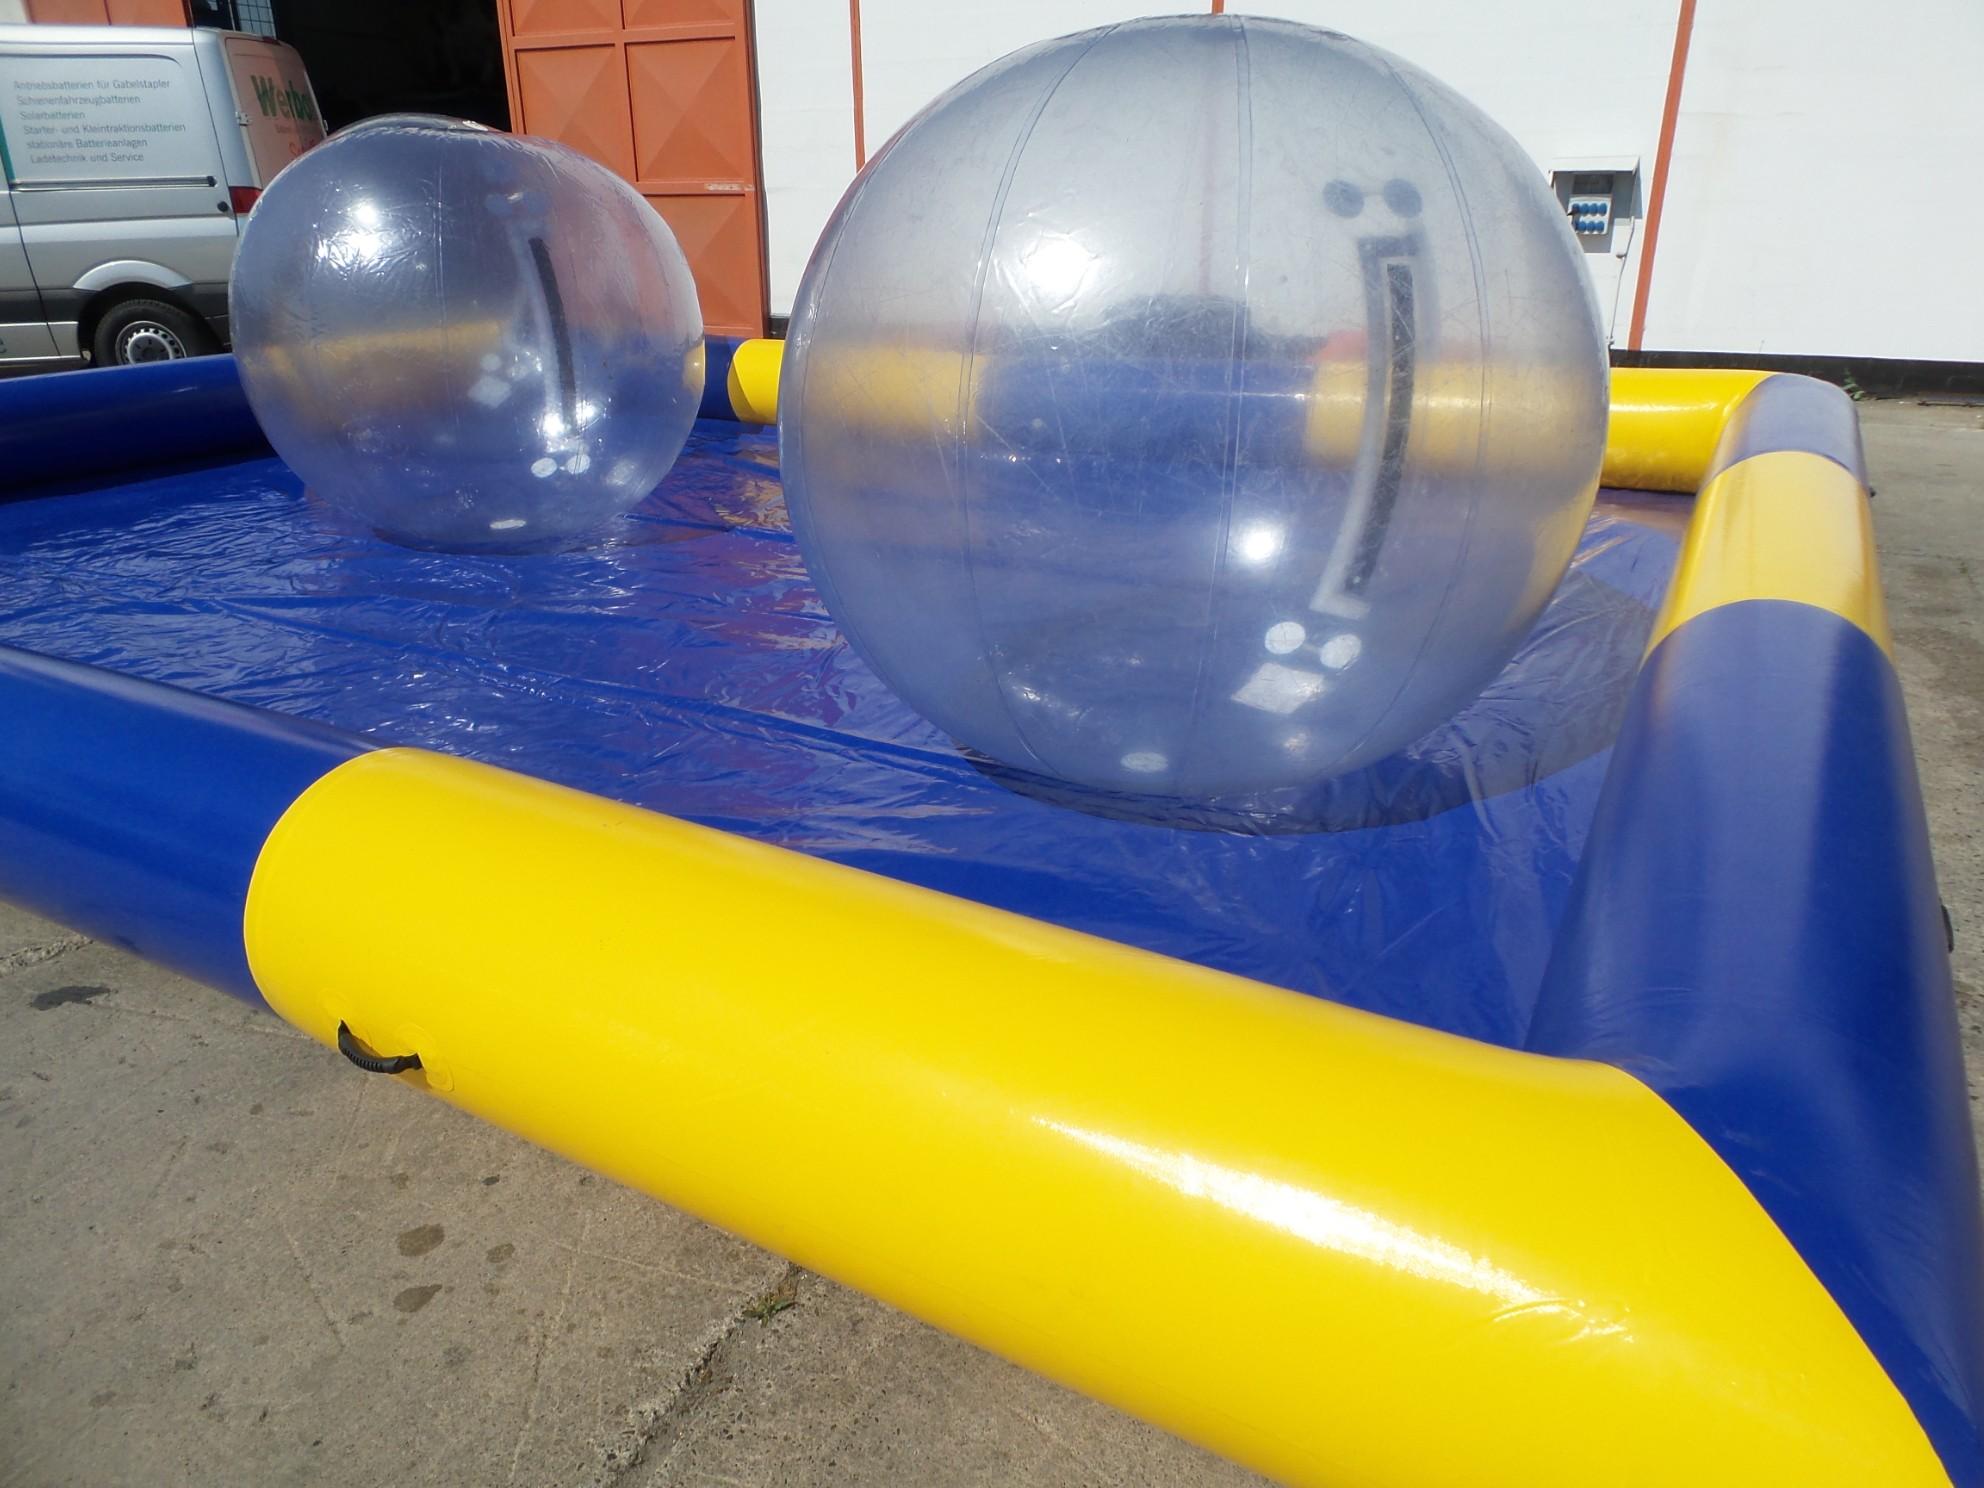 wasserspiele wasser pool blau gelb 6mx8m kaufen h pfburg hersteller und verkauf. Black Bedroom Furniture Sets. Home Design Ideas